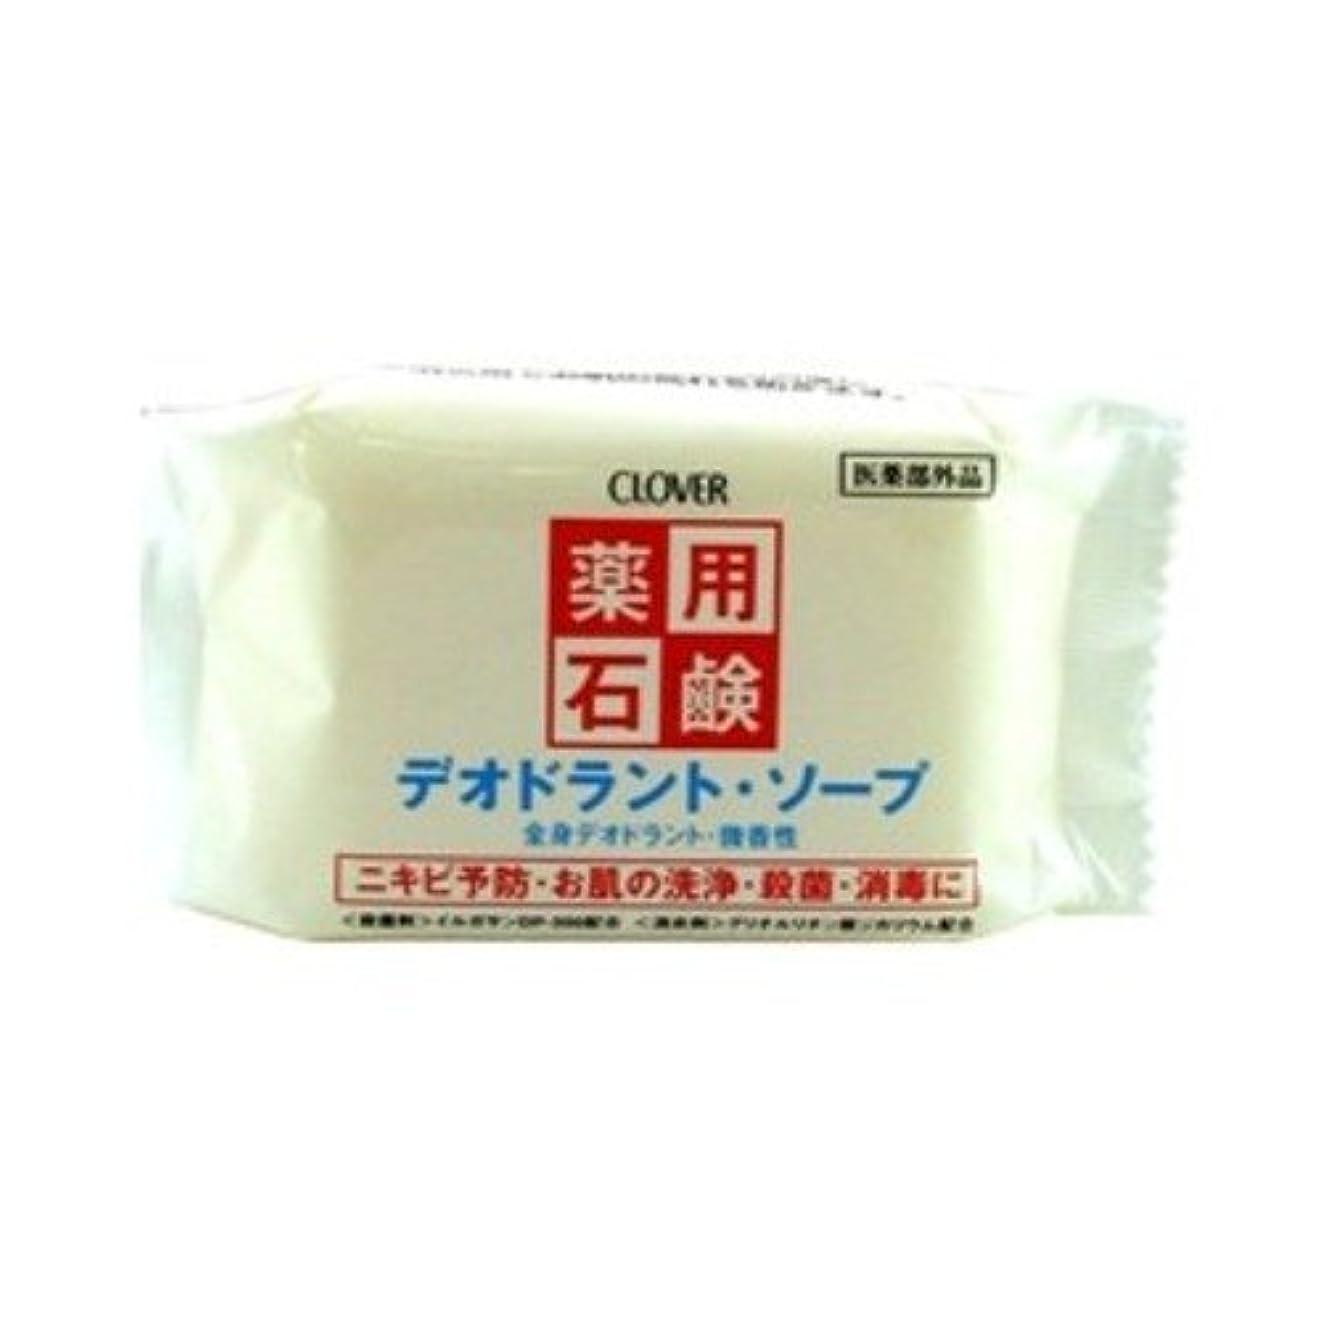 ダイエット対抗用心するクロバー 薬用デオドラント ソープ 90g